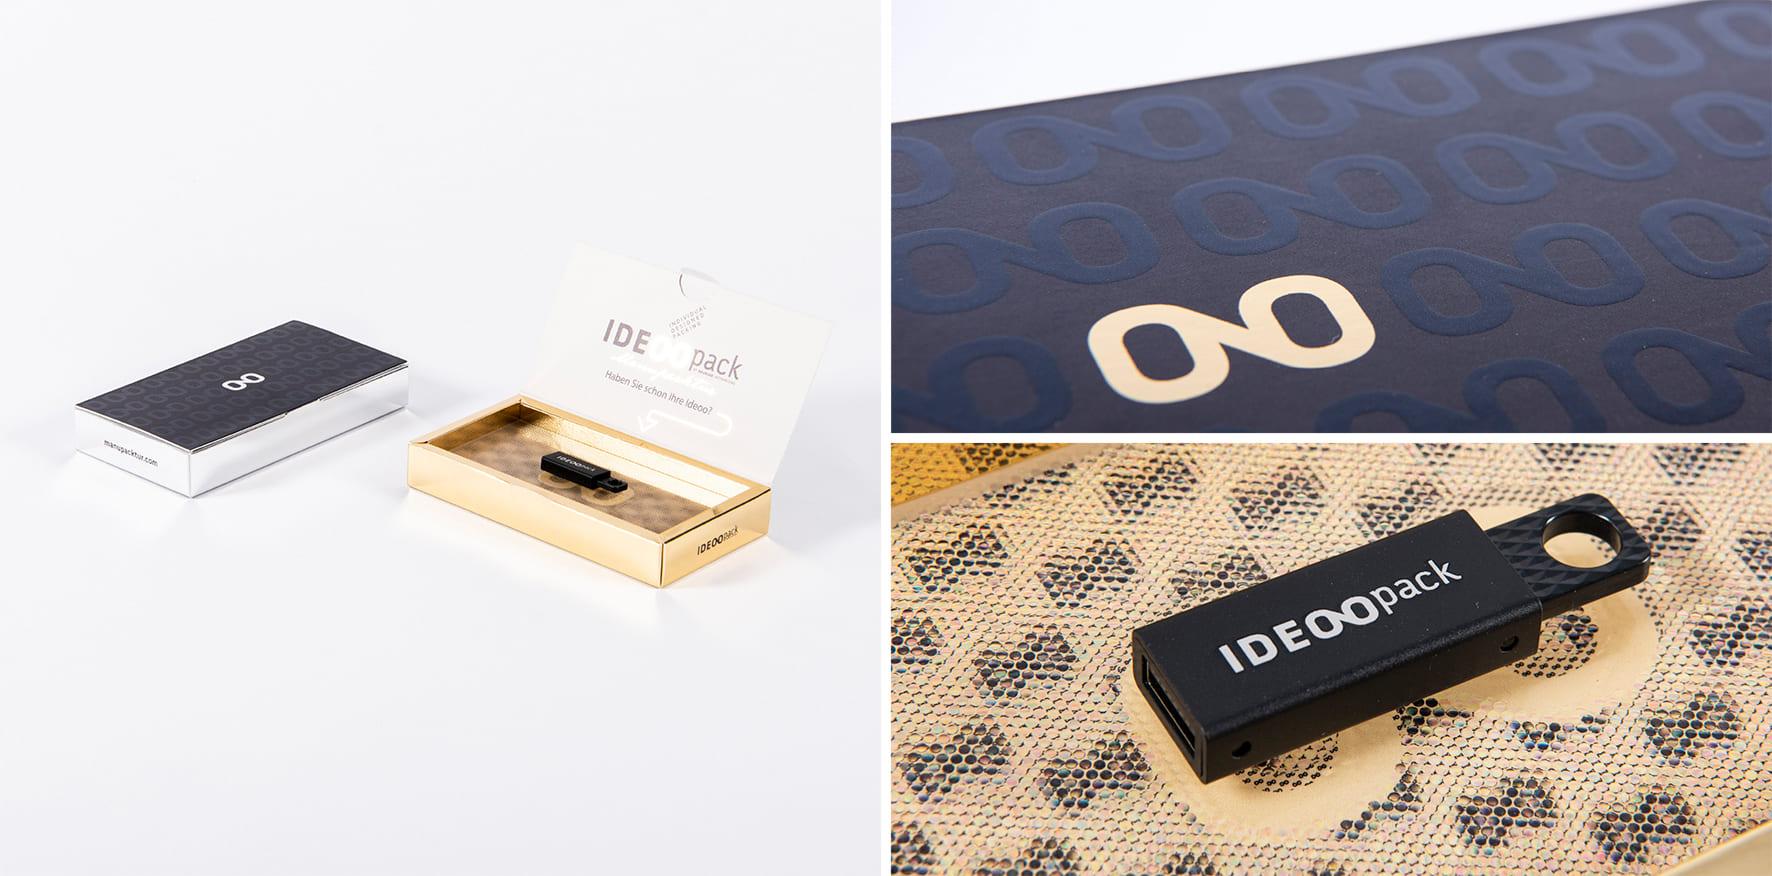 """Creative Challenge swissQprint : 3ème place """"Ideoopack manupacktur promotionbox"""""""